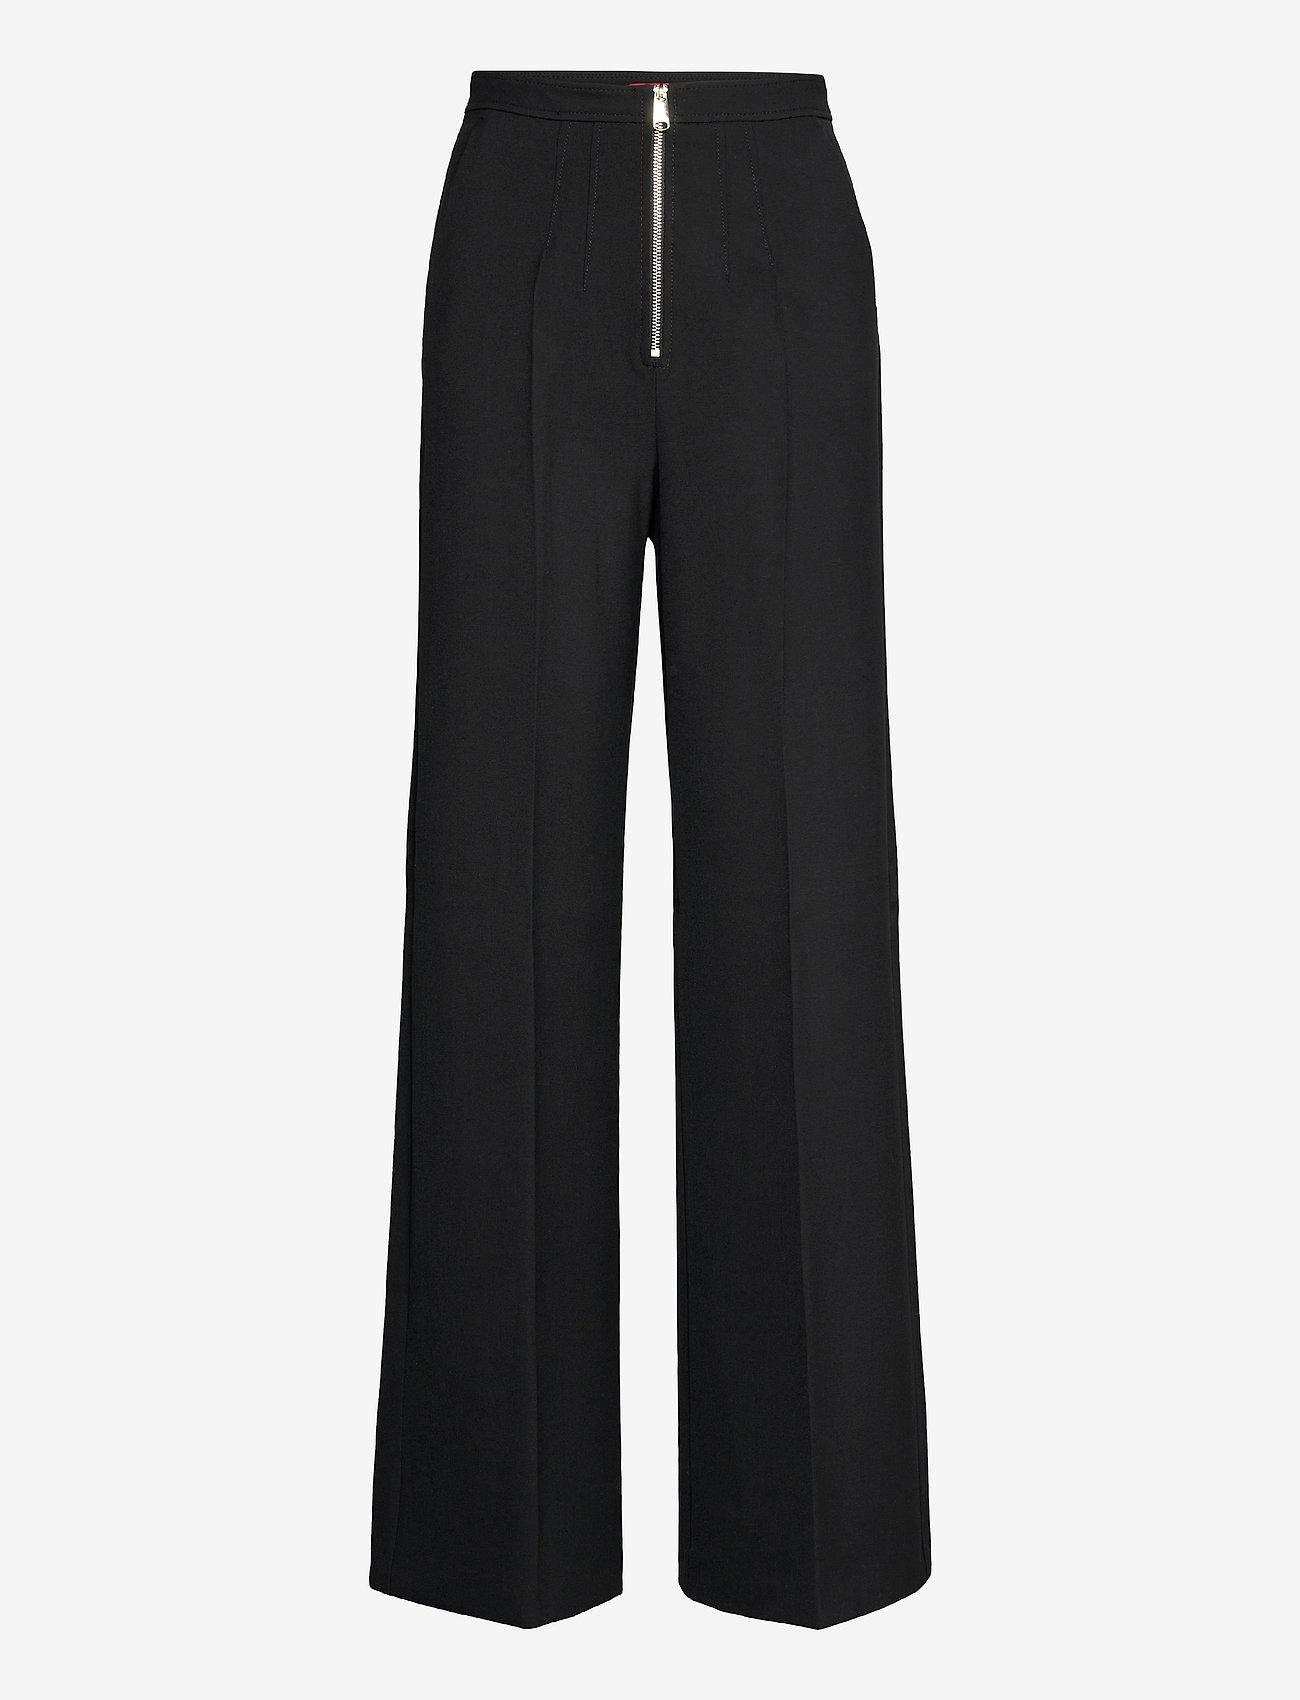 Max&Co. - MORESCO - uitlopende broeken - black - 0